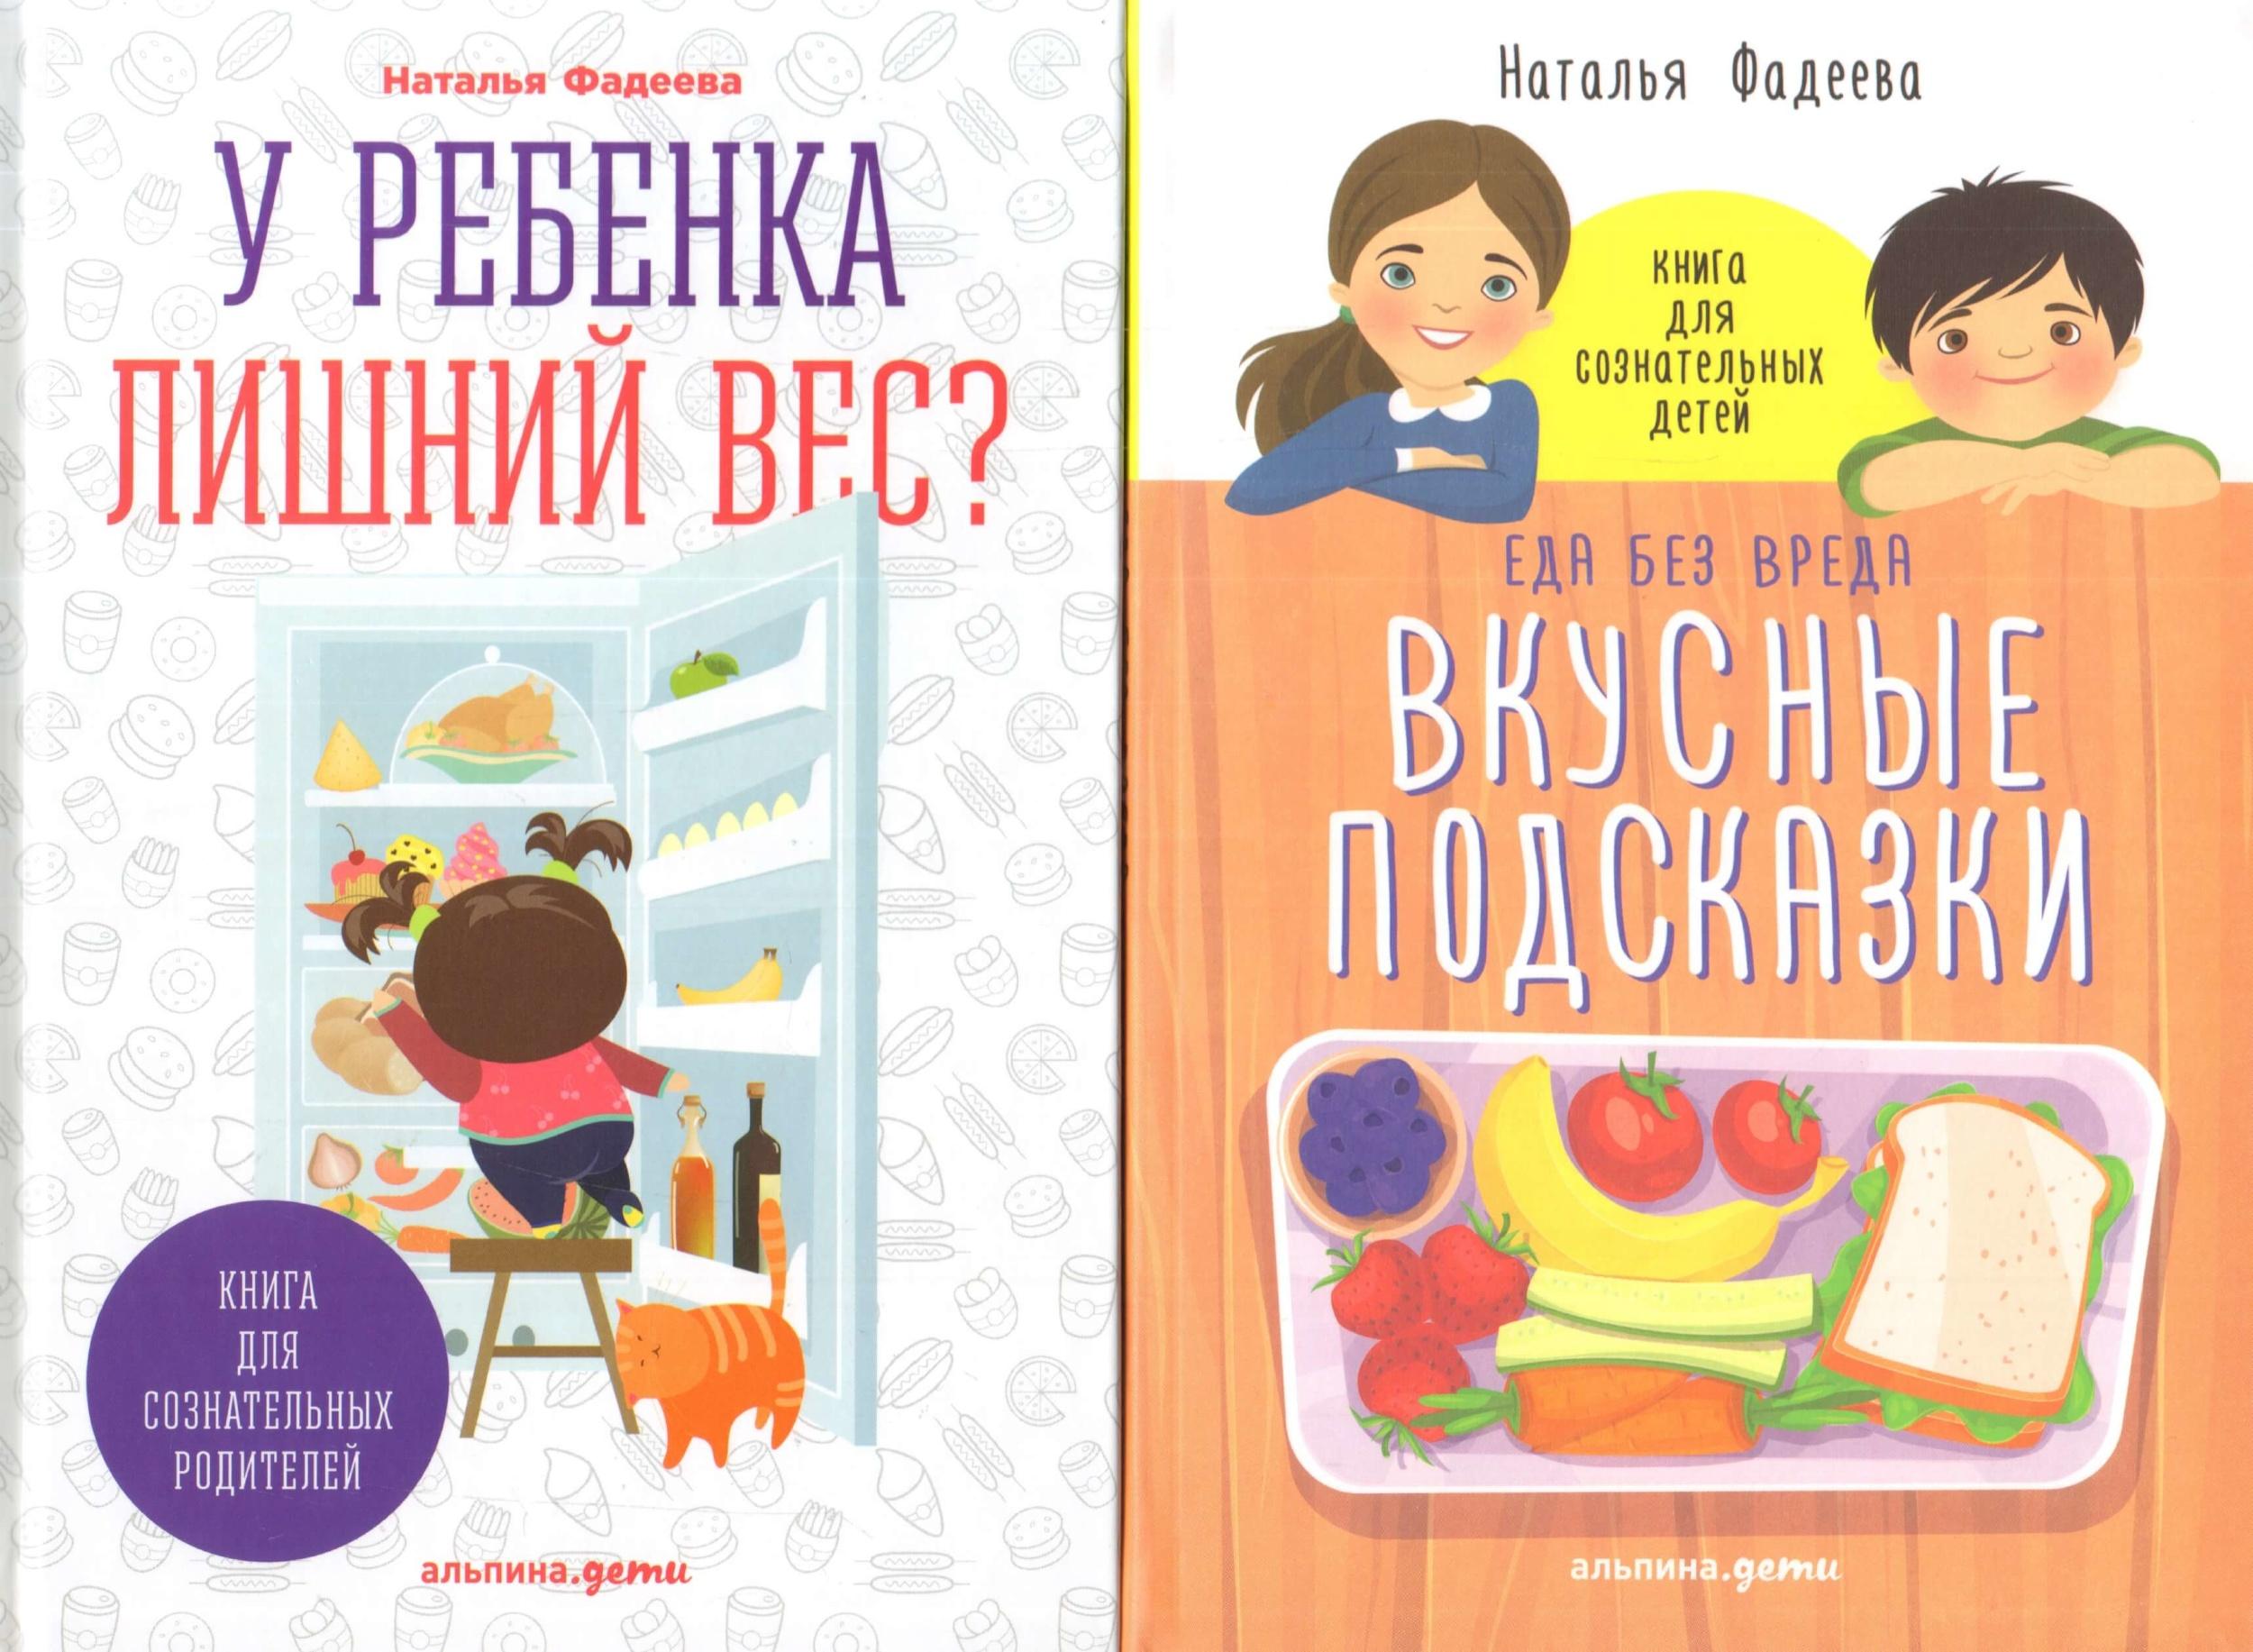 У ребенка лишний вес? Книга для сознательных родителей. Еда без вреда. Вкусные подсказки (комплект из 2 книг)